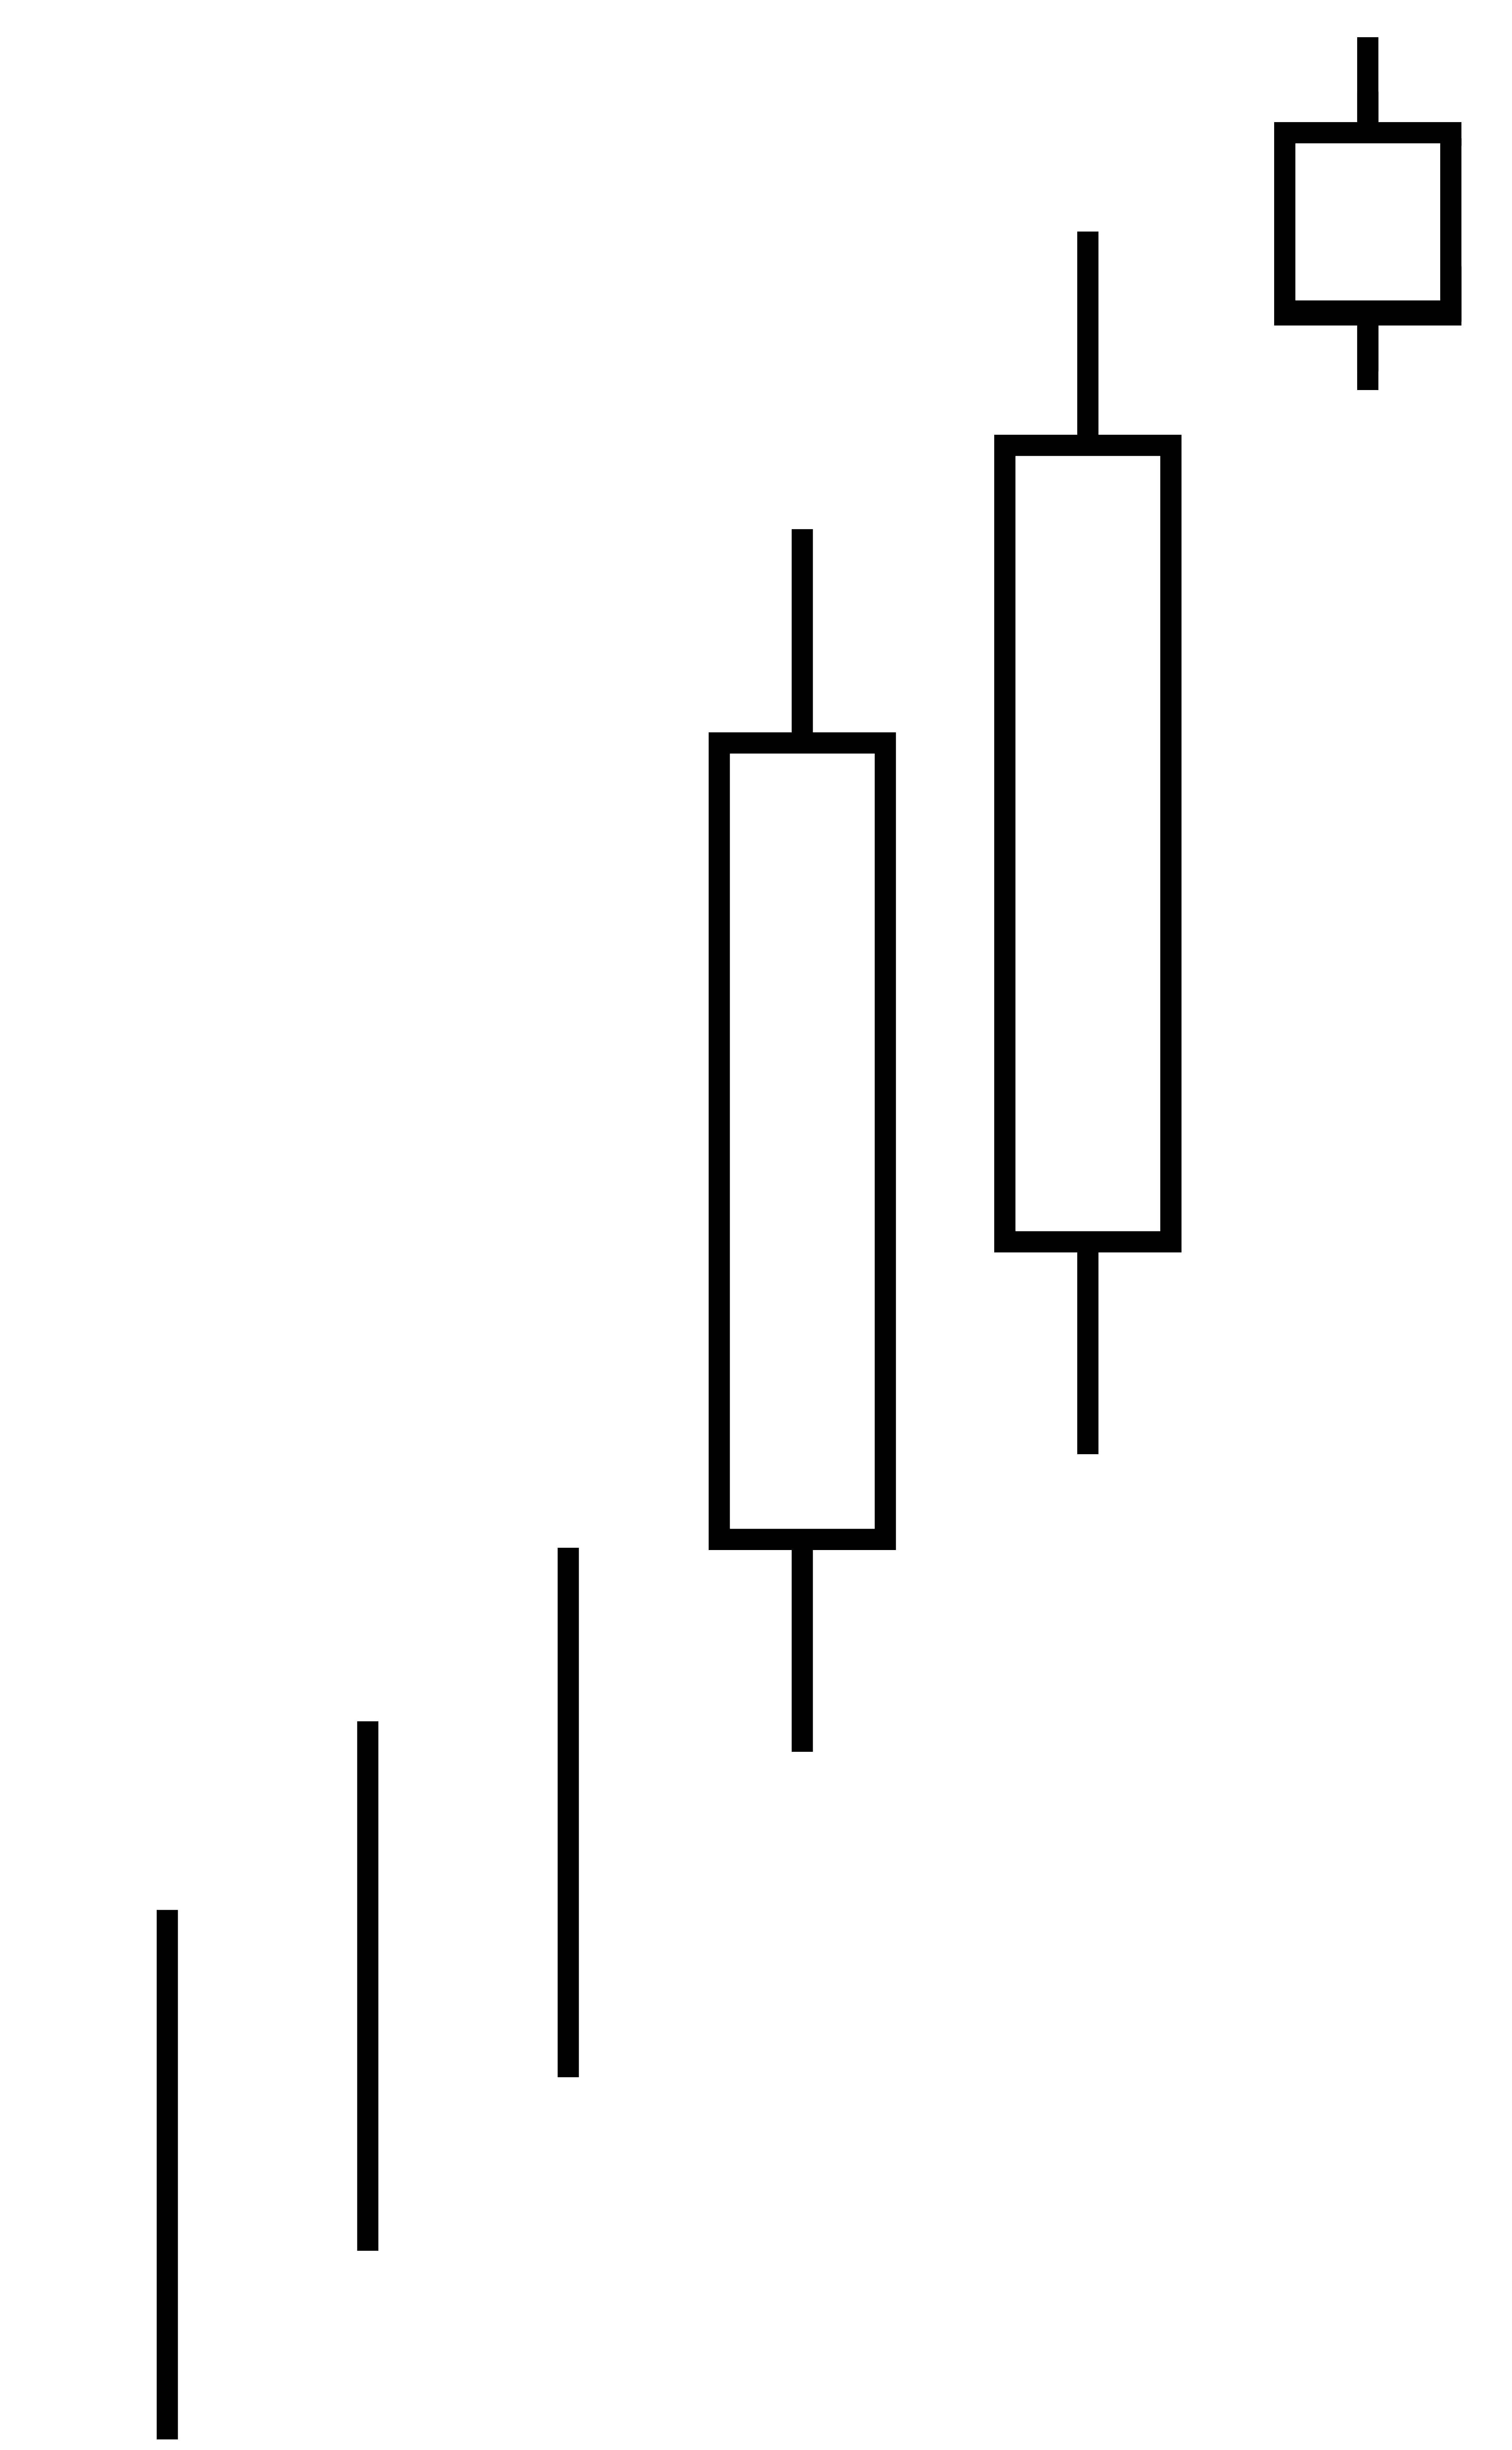 File:Candlestick pattern bearish deliberation.jpg